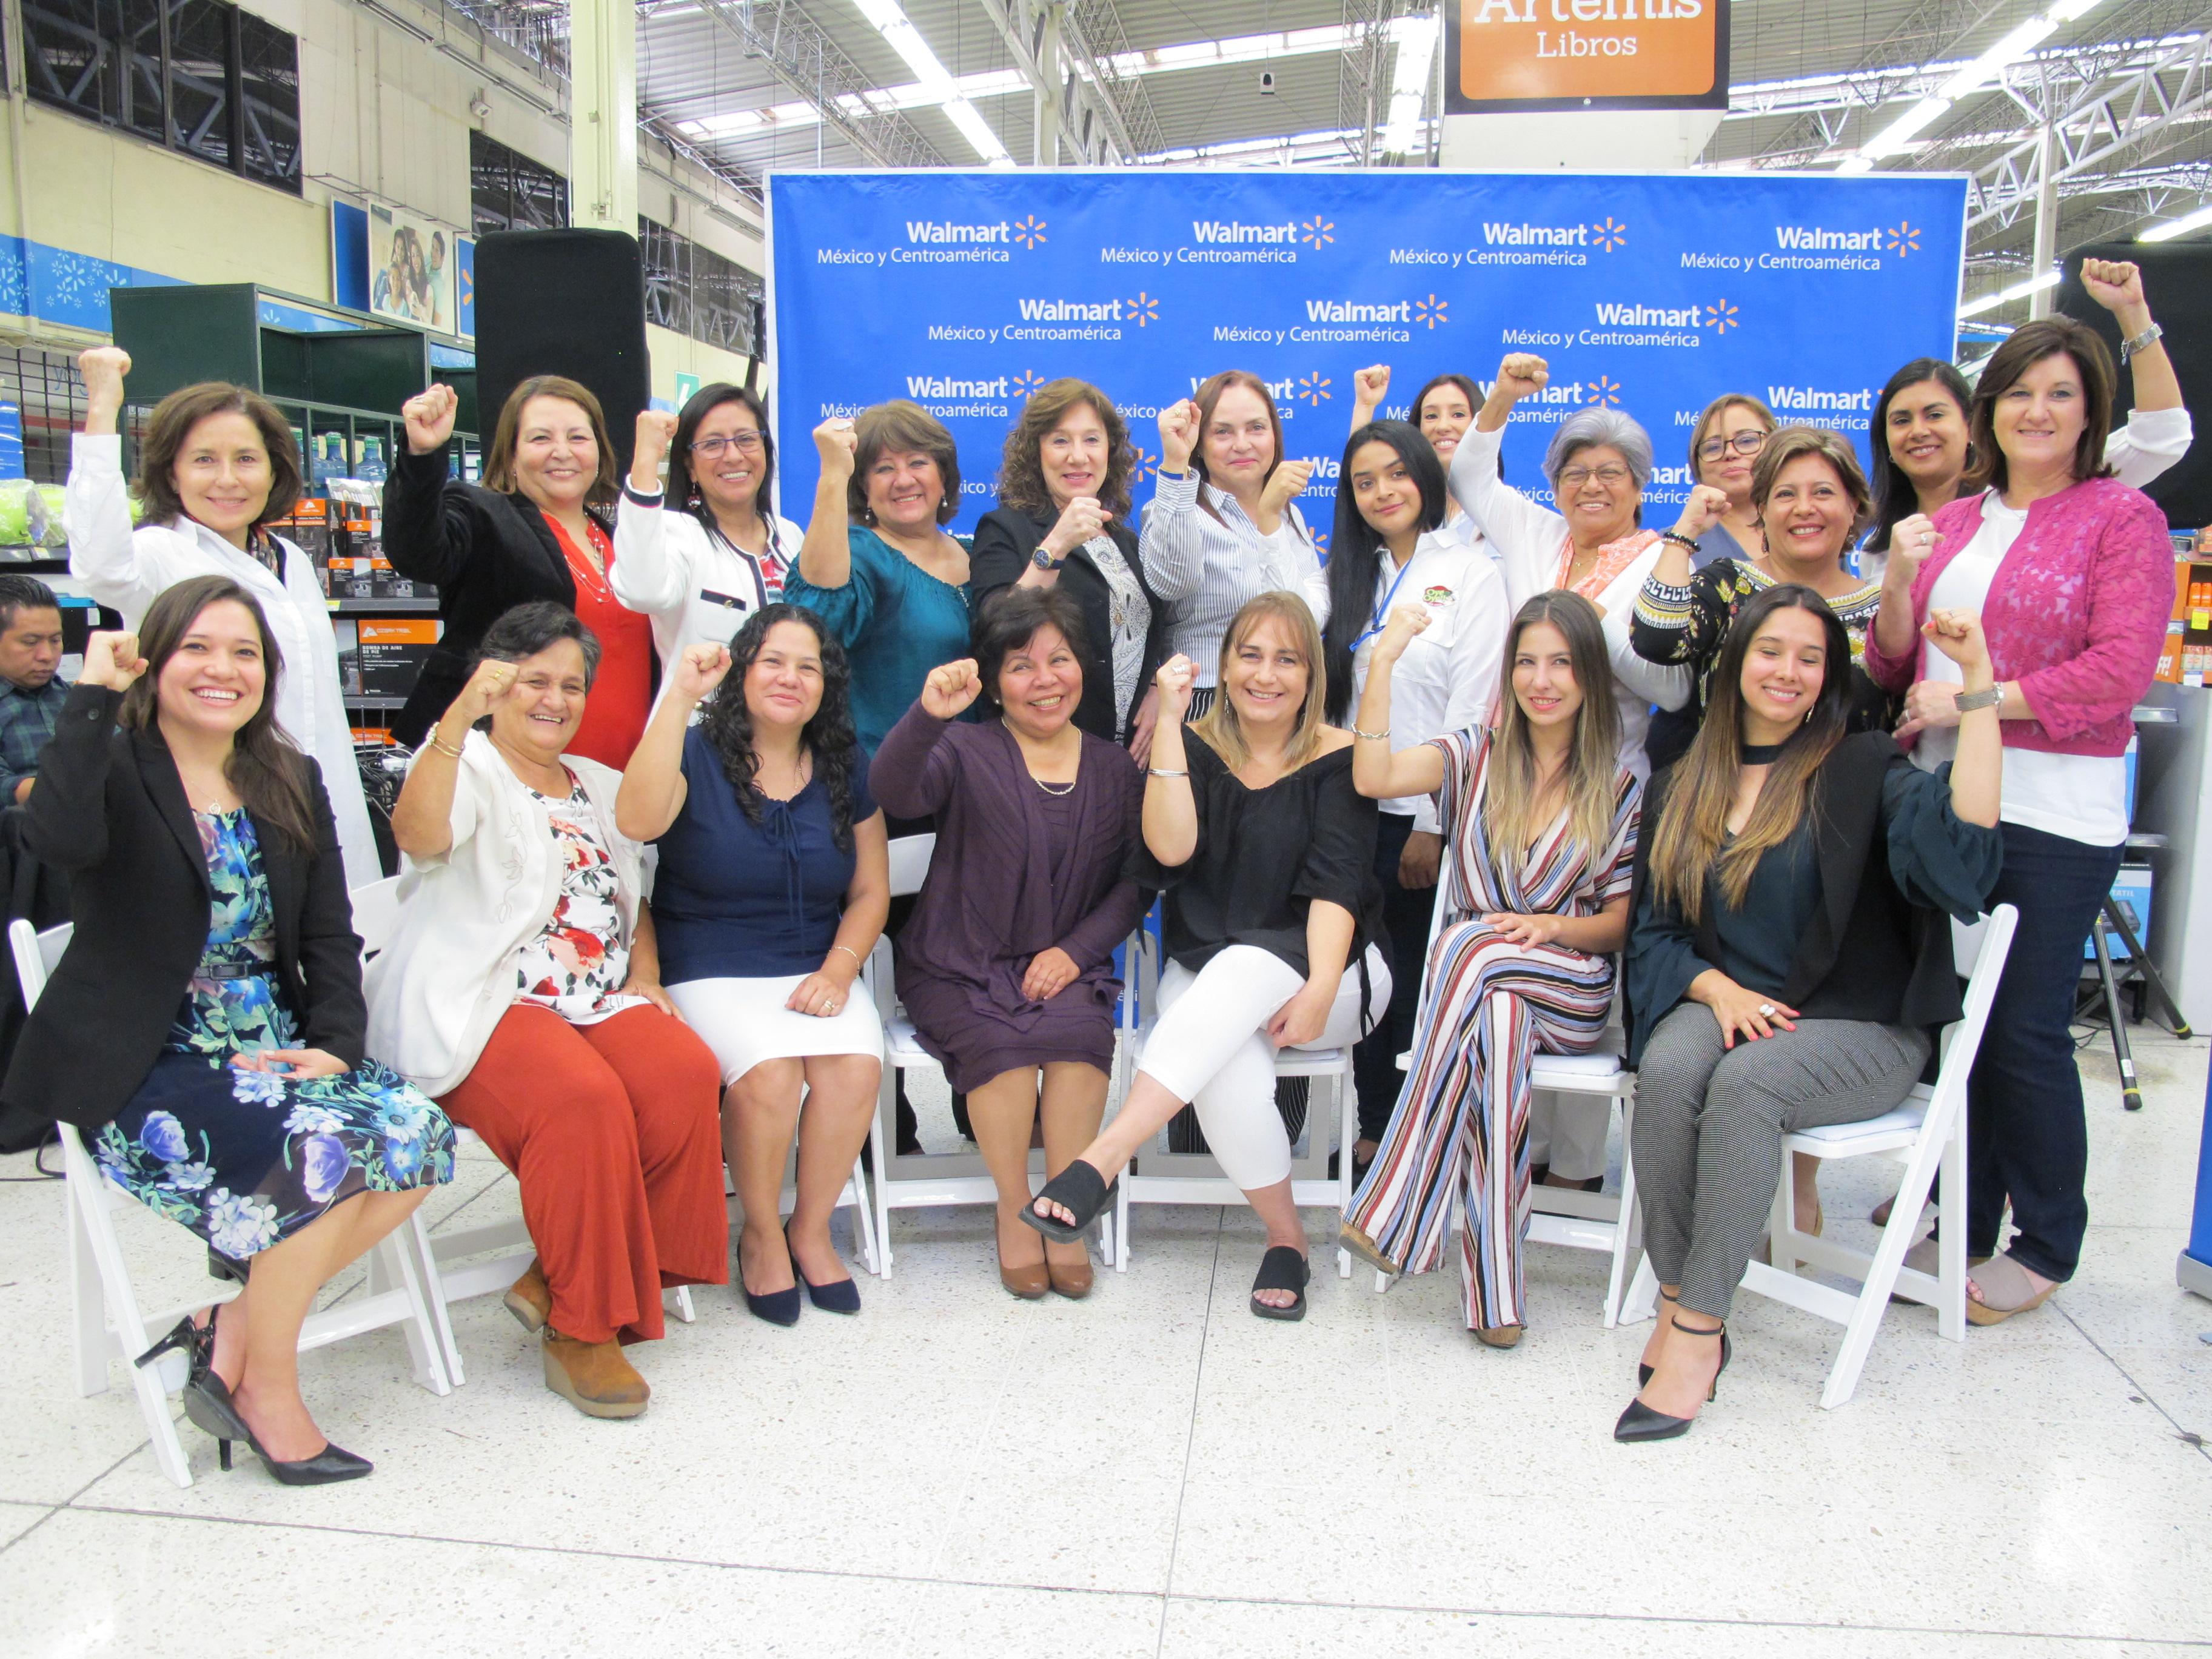 Las 20 mujeres empresarias líderes que fueron seleccionadas para el programa Cadenas de Valor de Walmart. (Foto Prensa Libre: María Reneé Gaytán)